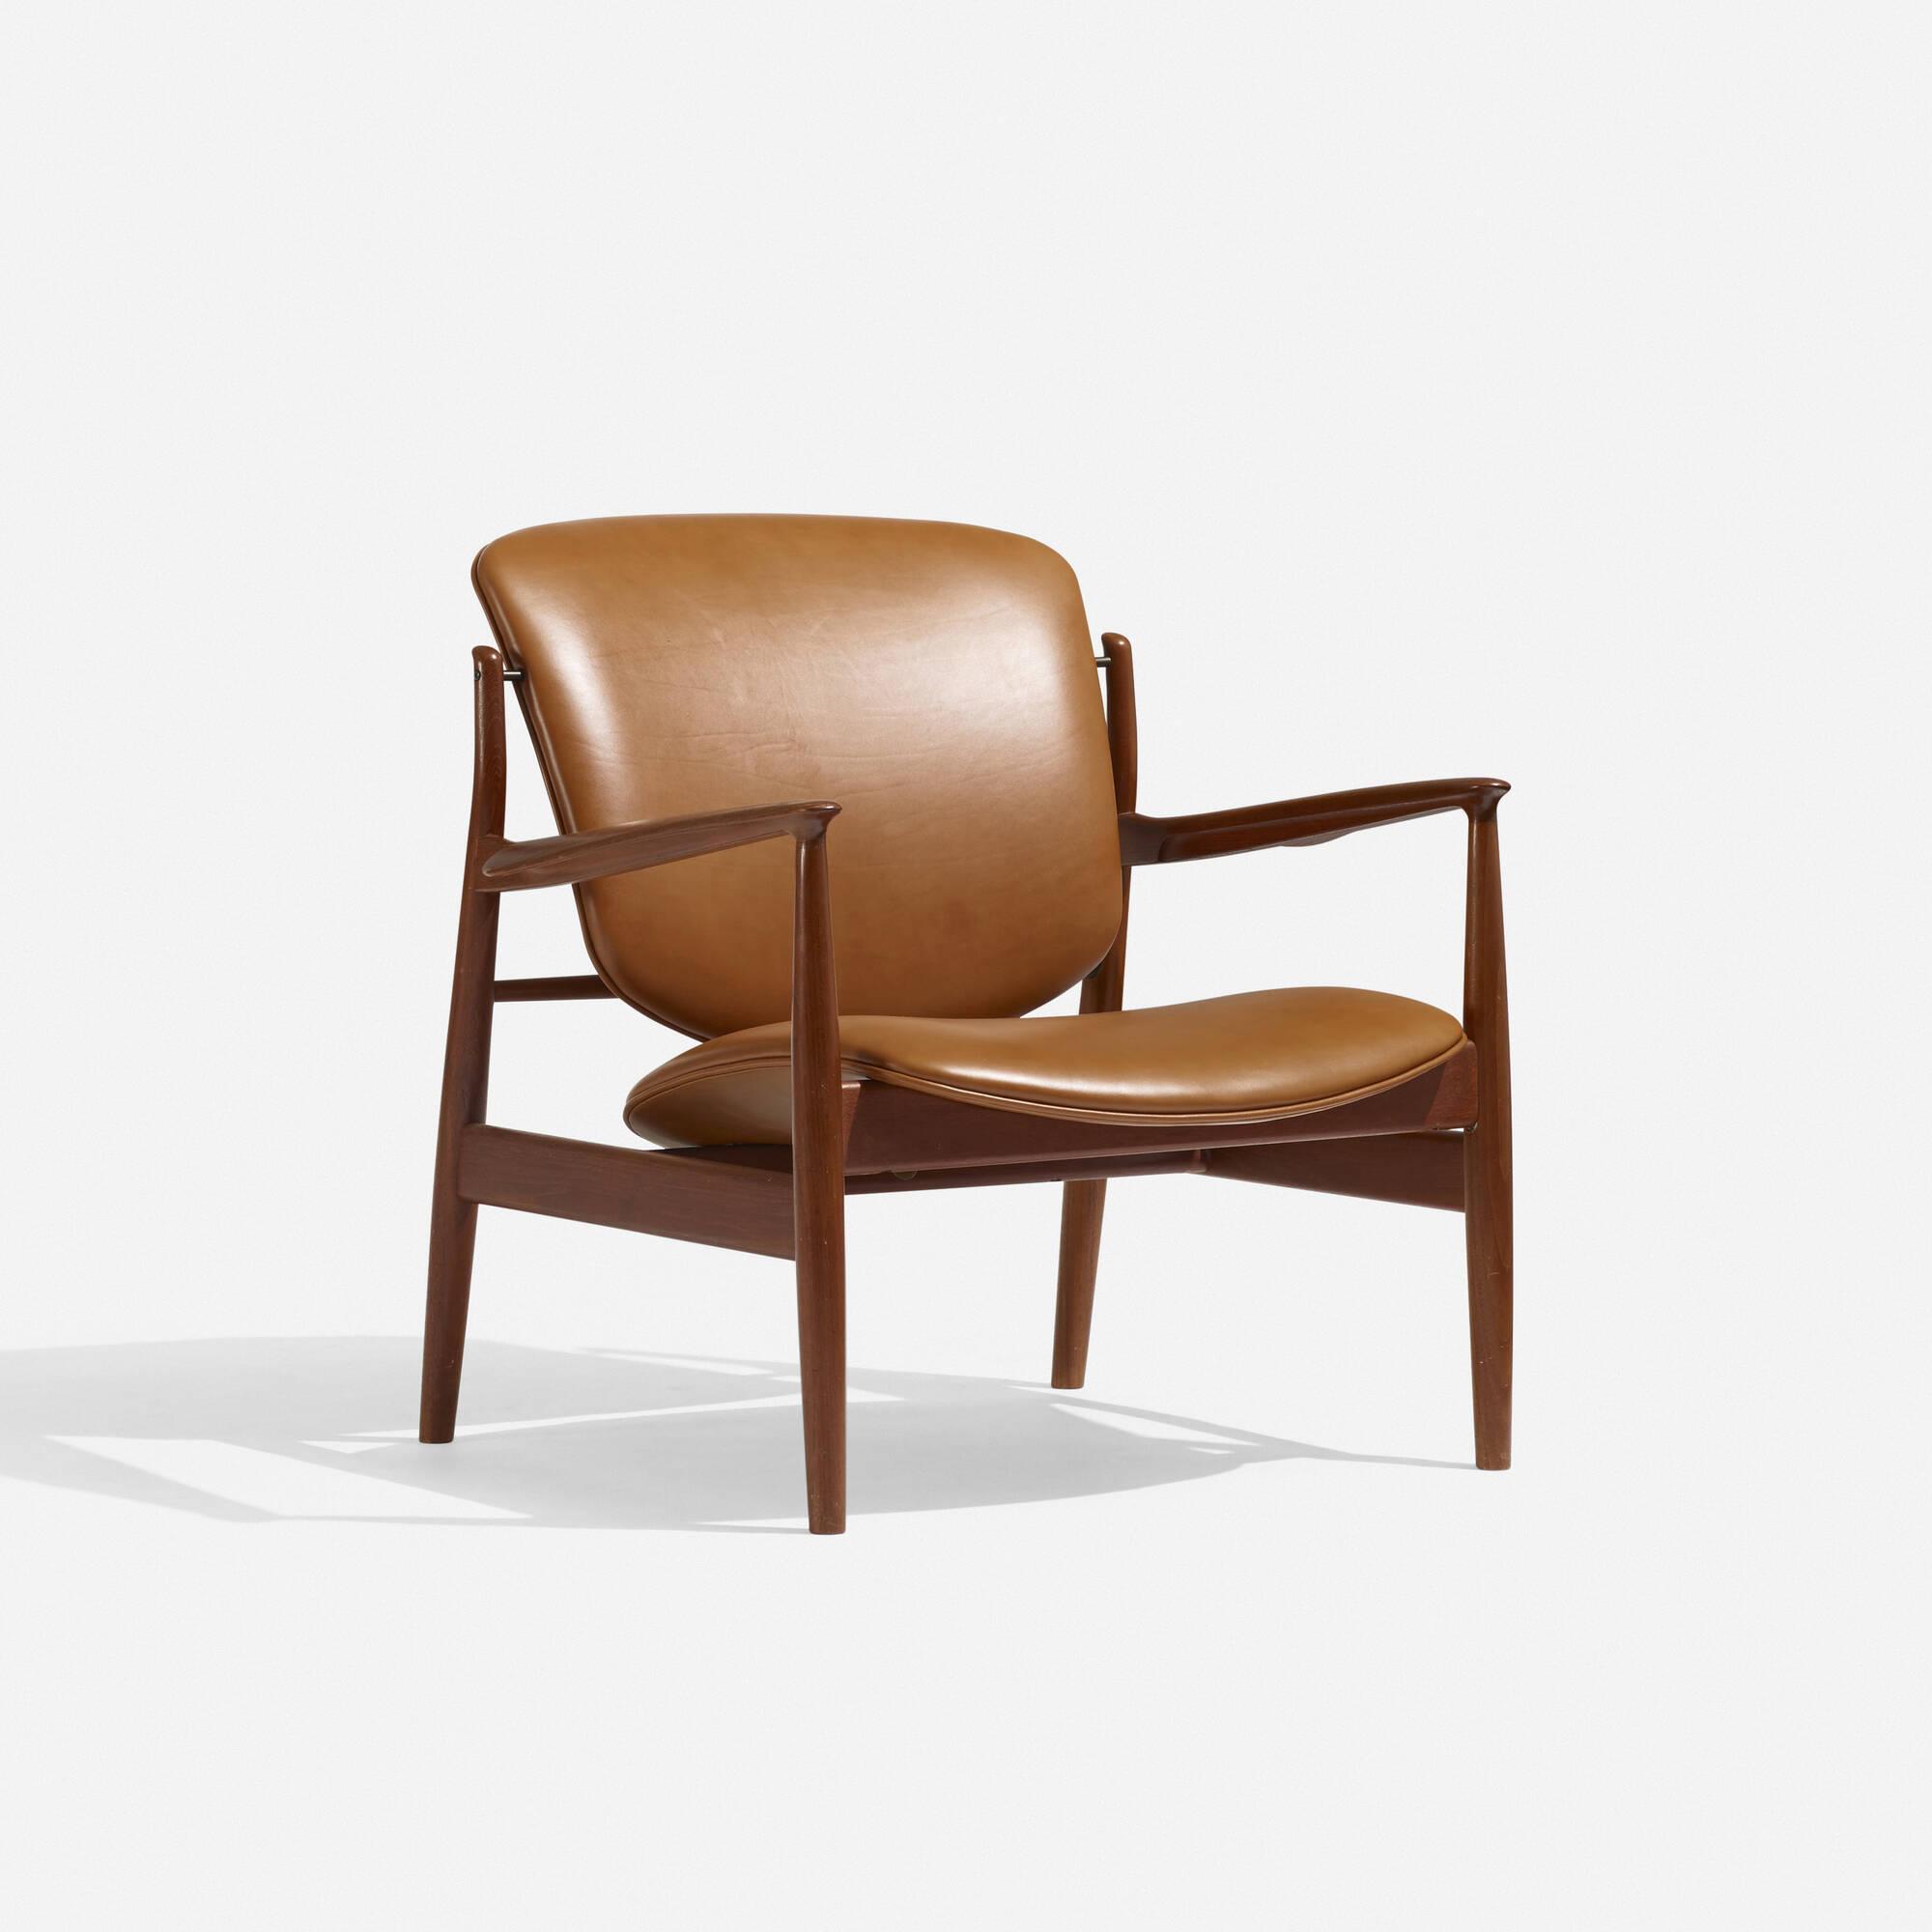 chair design scandinavian wedding covers discount code 106 finn juhl lounge